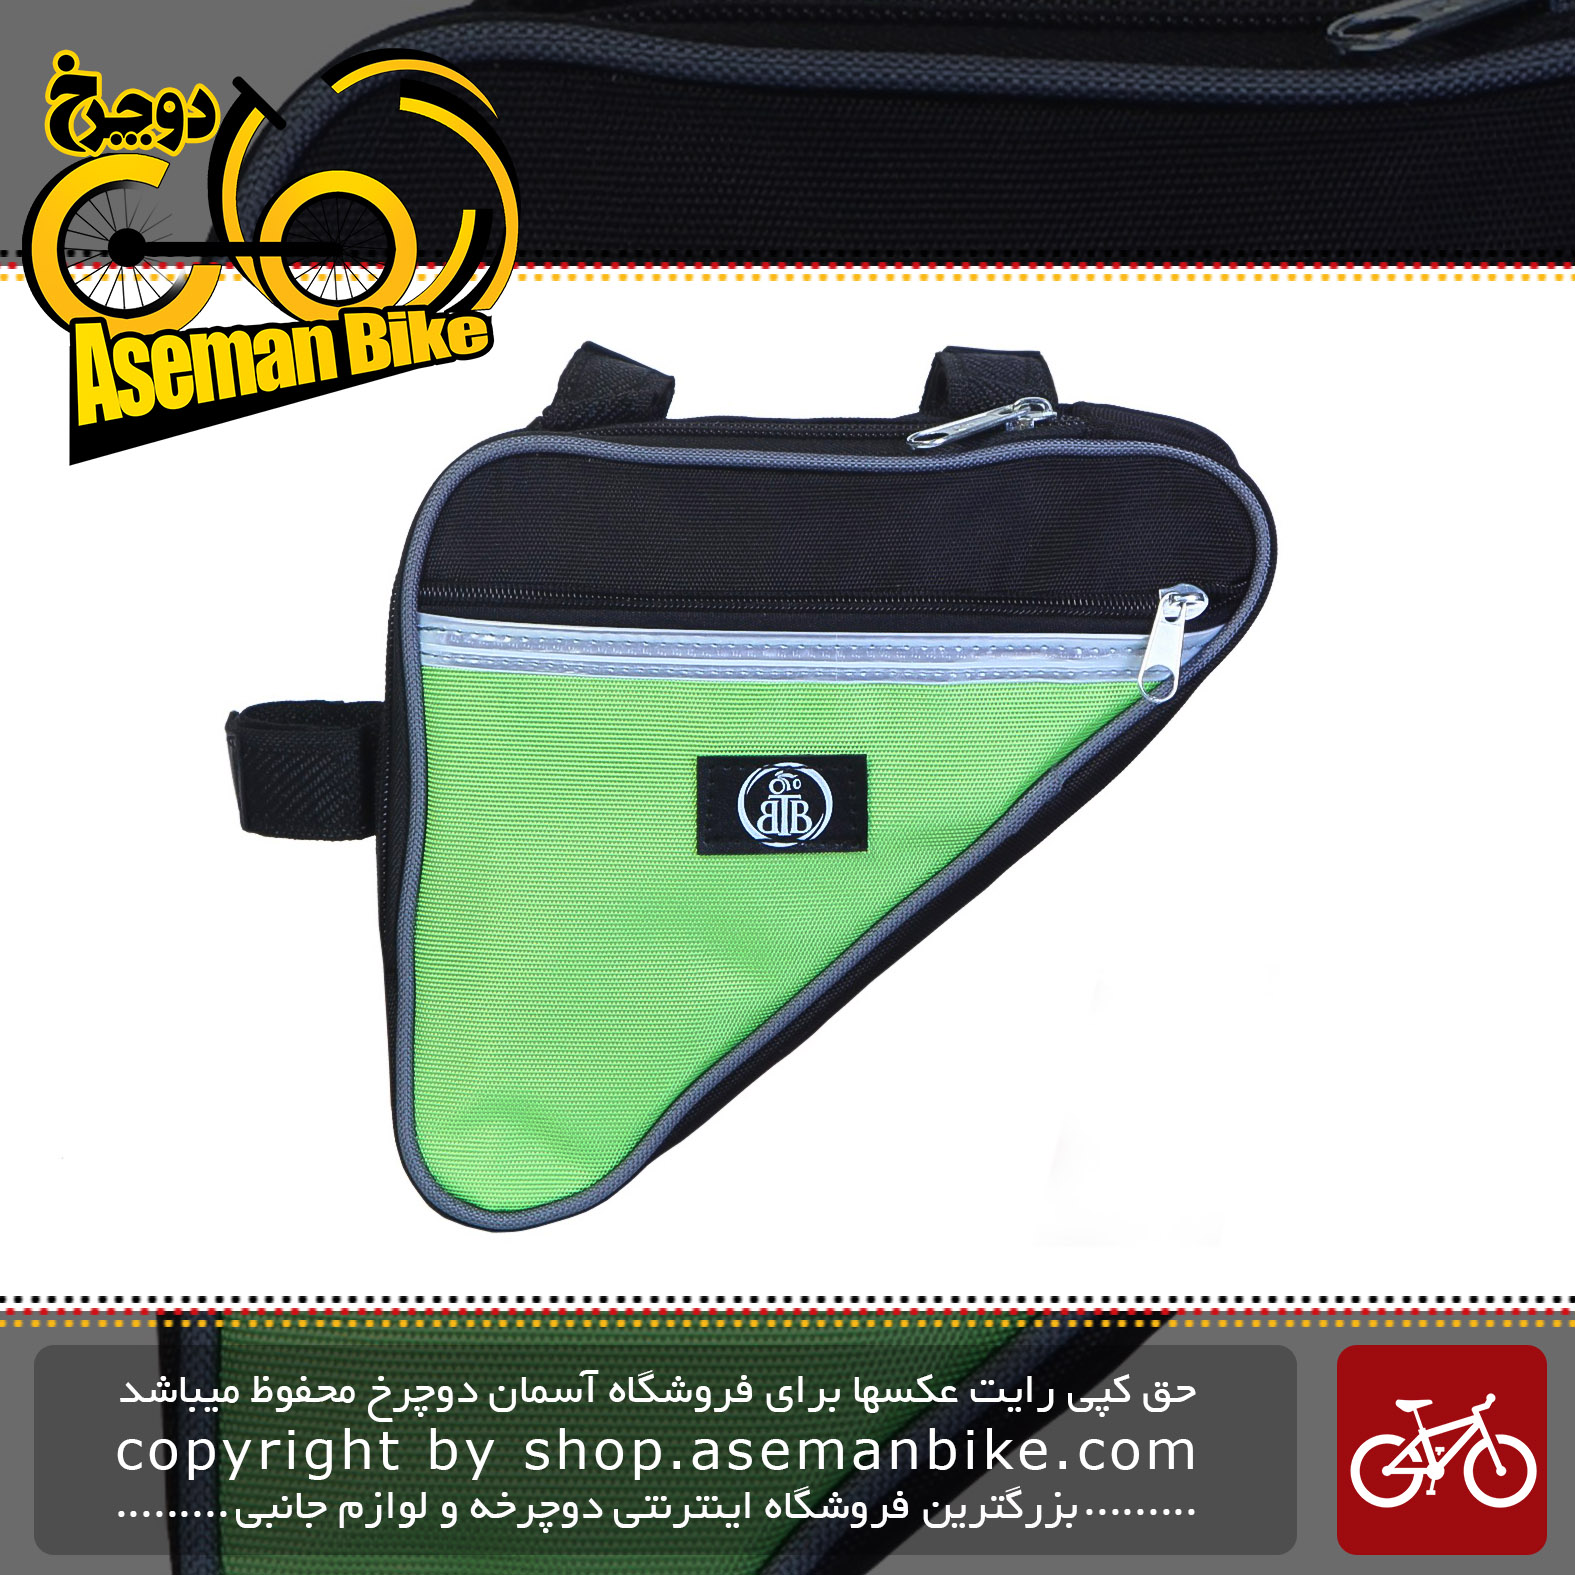 کیف زیر تنه دوچرخه طرح سه گوش مدل Bicycle Bag MG17